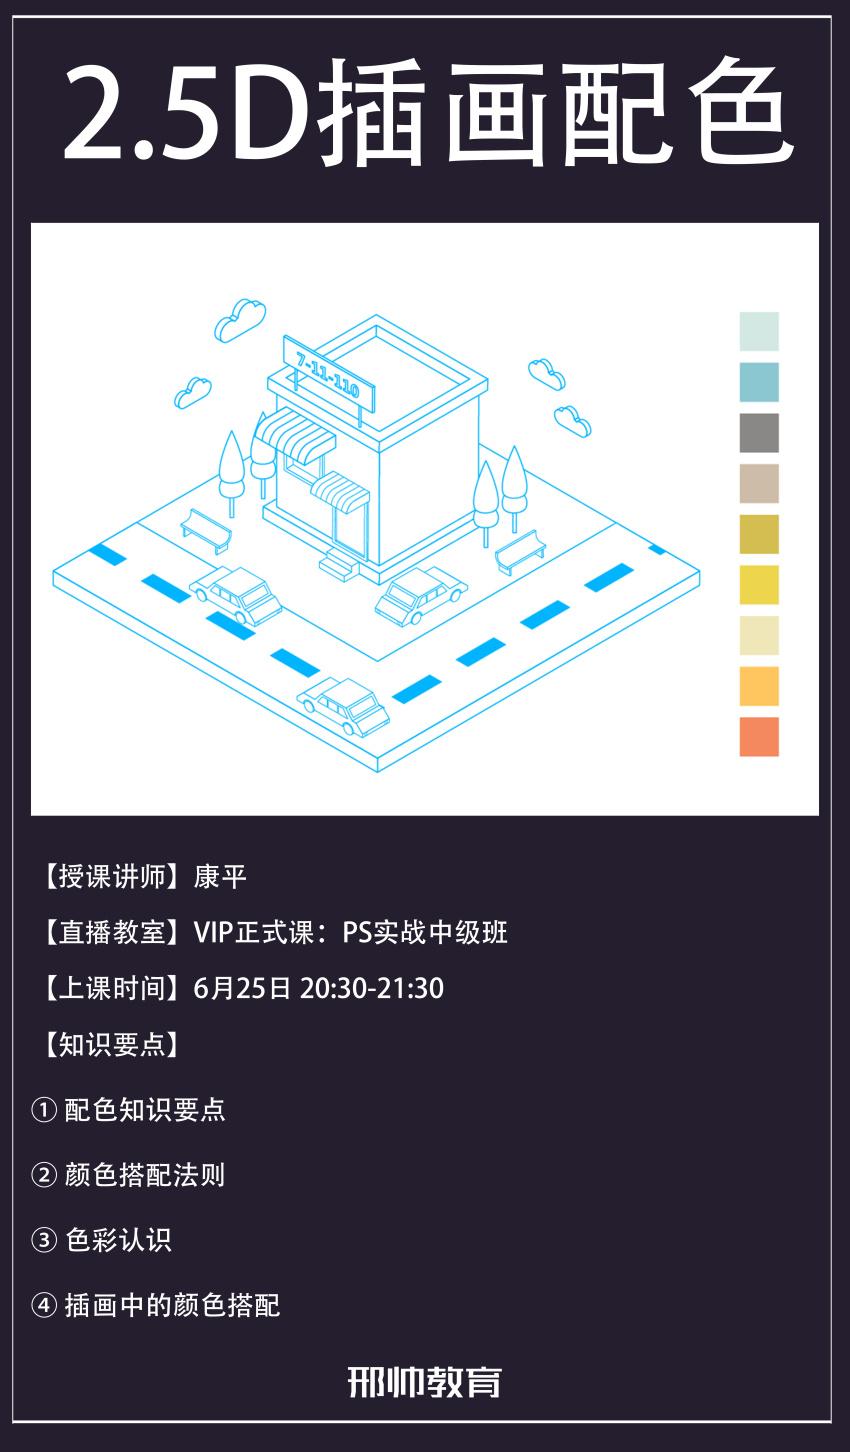 c8eb81c18d05a6eff44c5f5ef1fd6ddd001.jpg